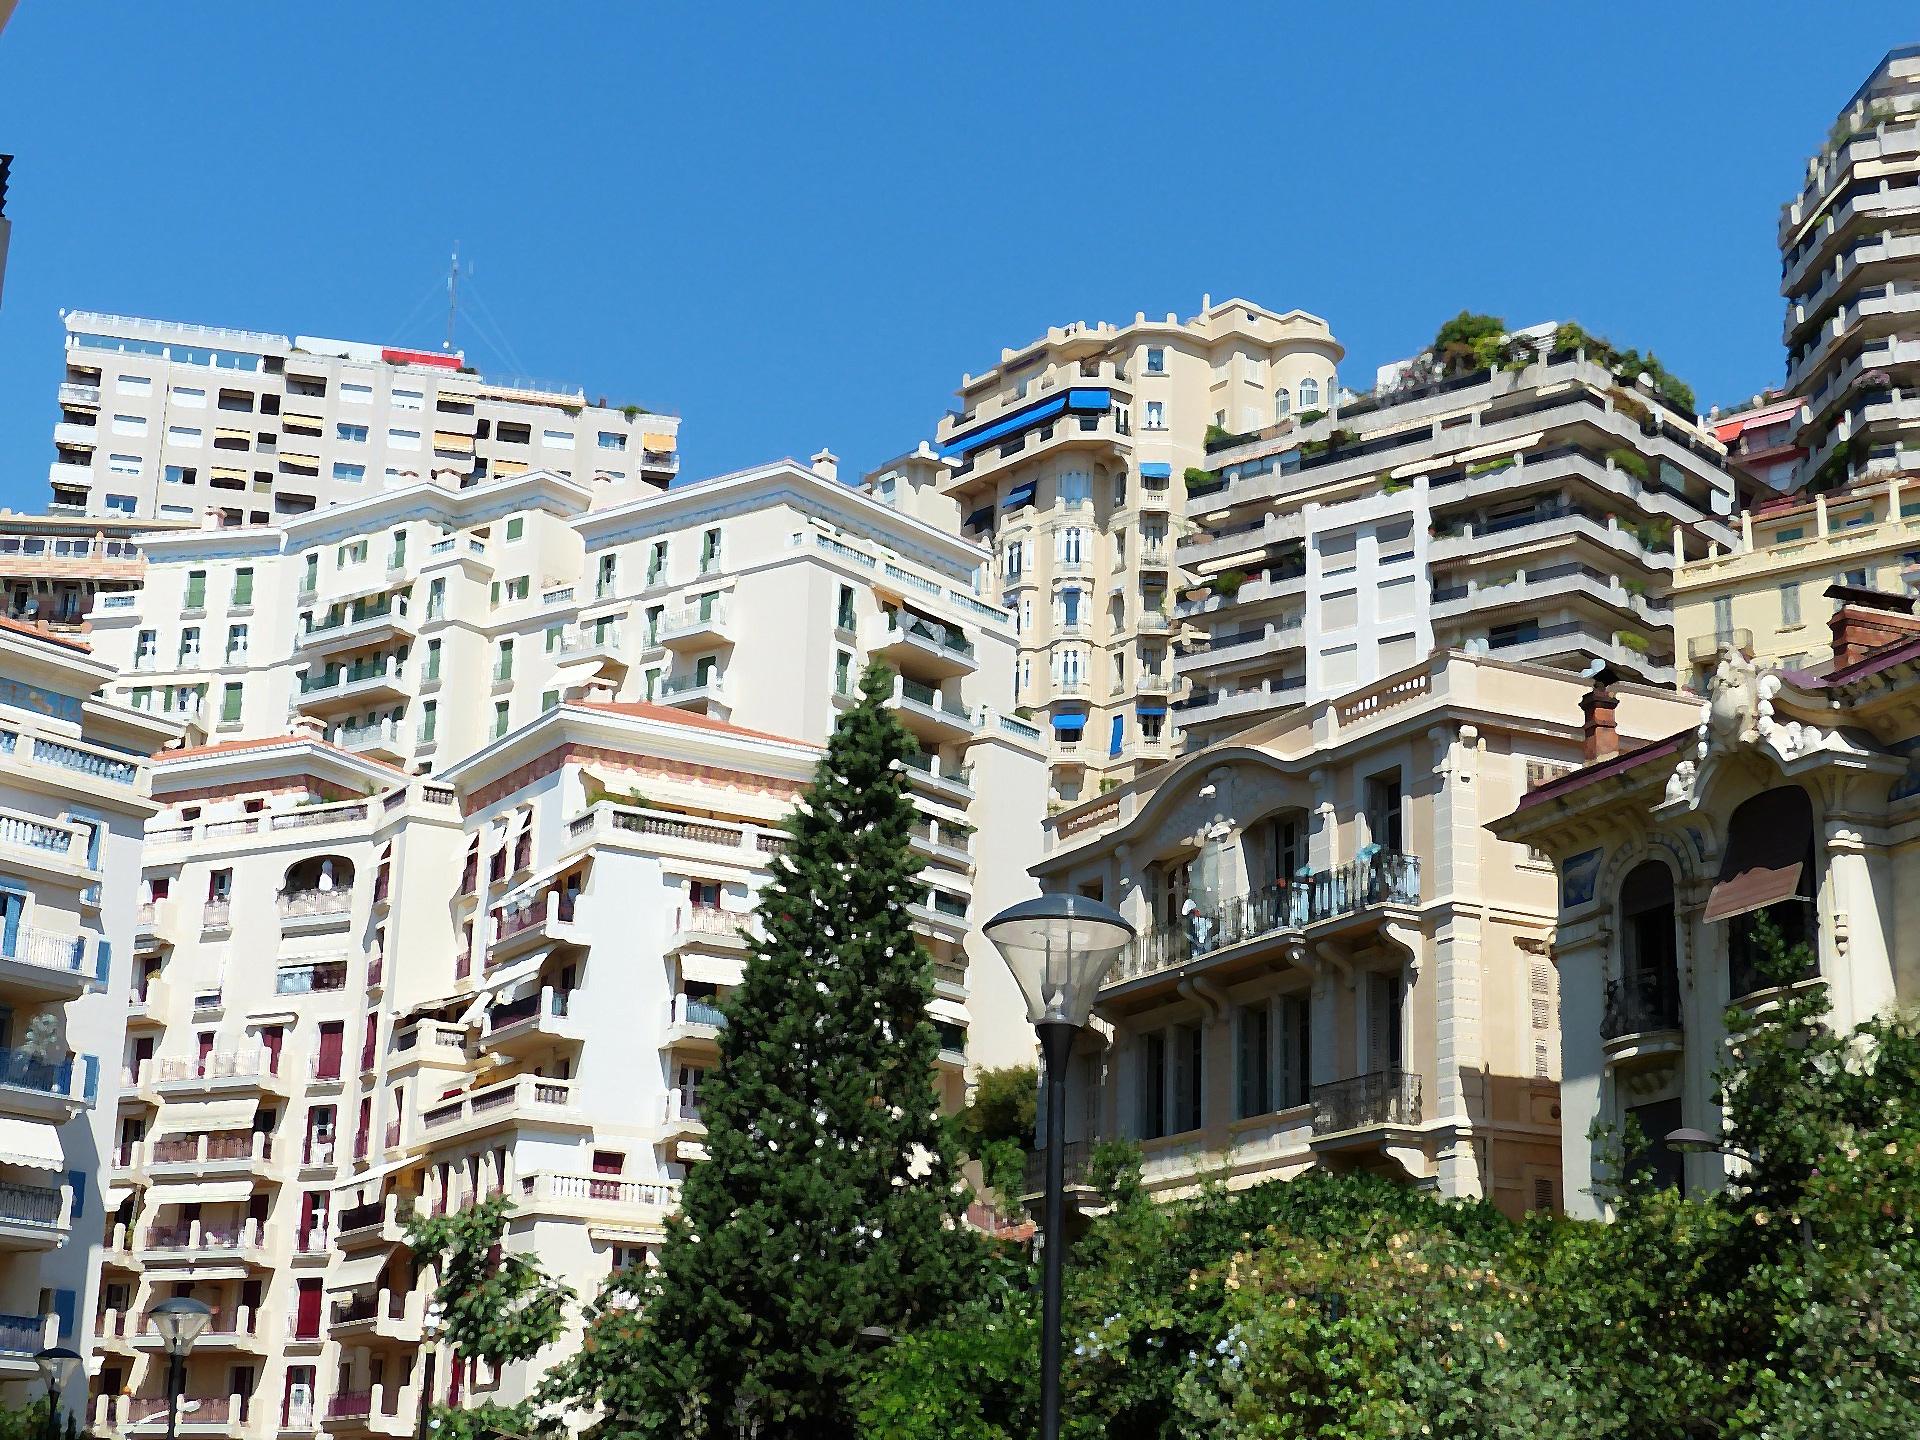 Immobilier focus sur l 39 investissement sur la c te d 39 azur - Appartement le plus cher du monde monaco prix ...